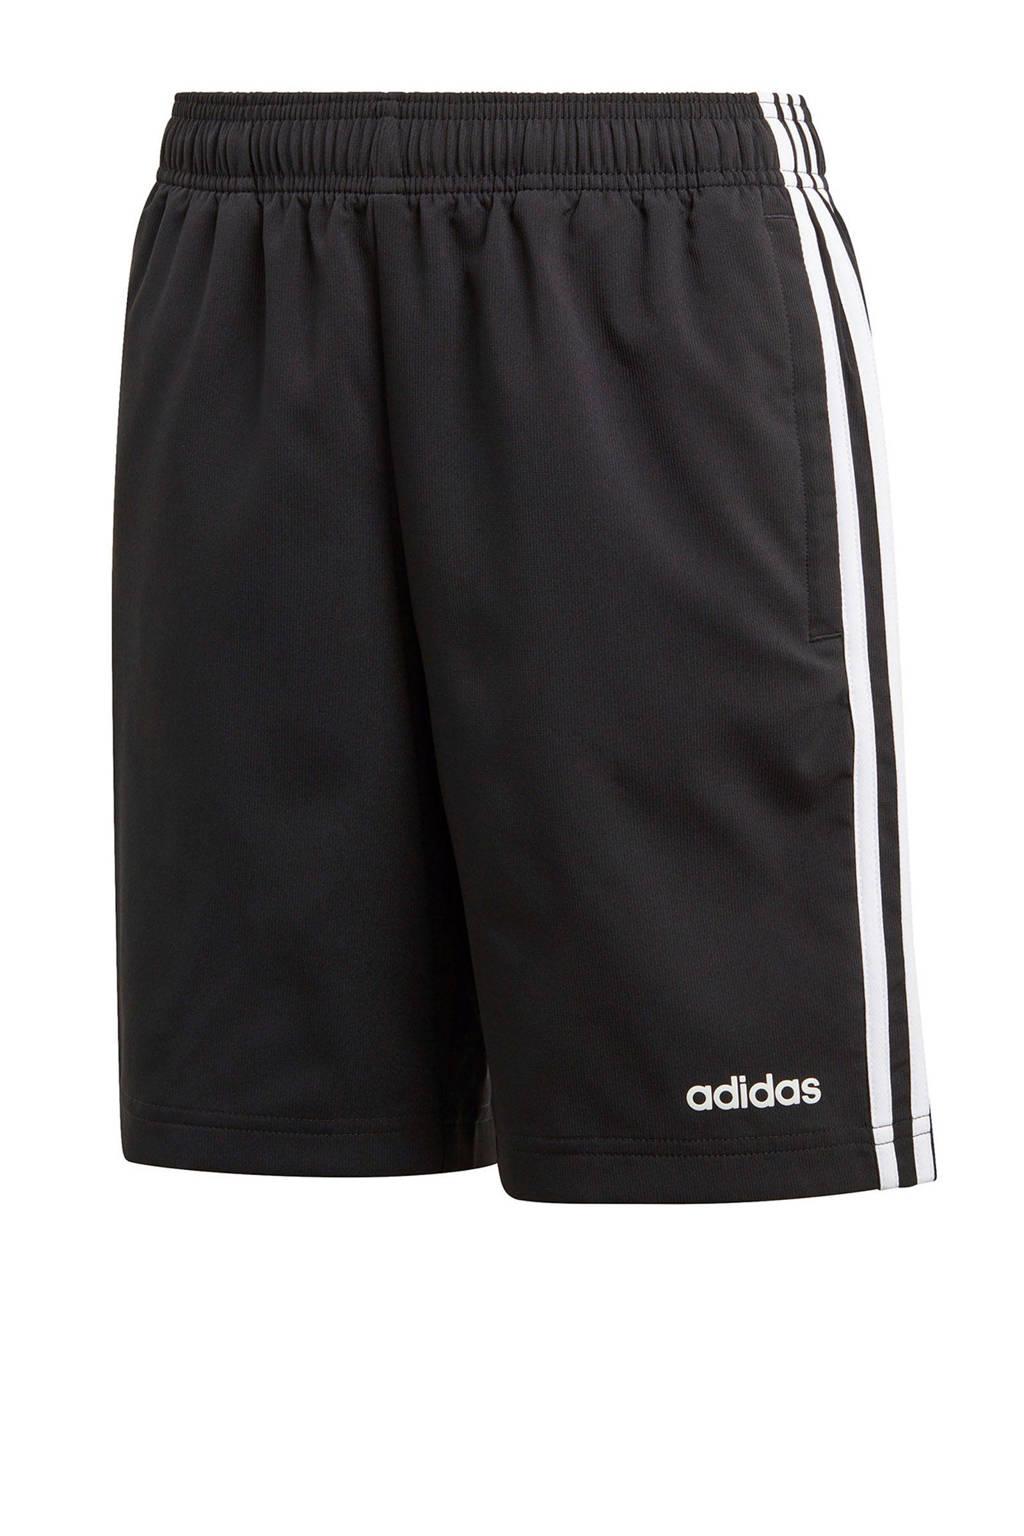 adidas   sportshort zwart, Zwart